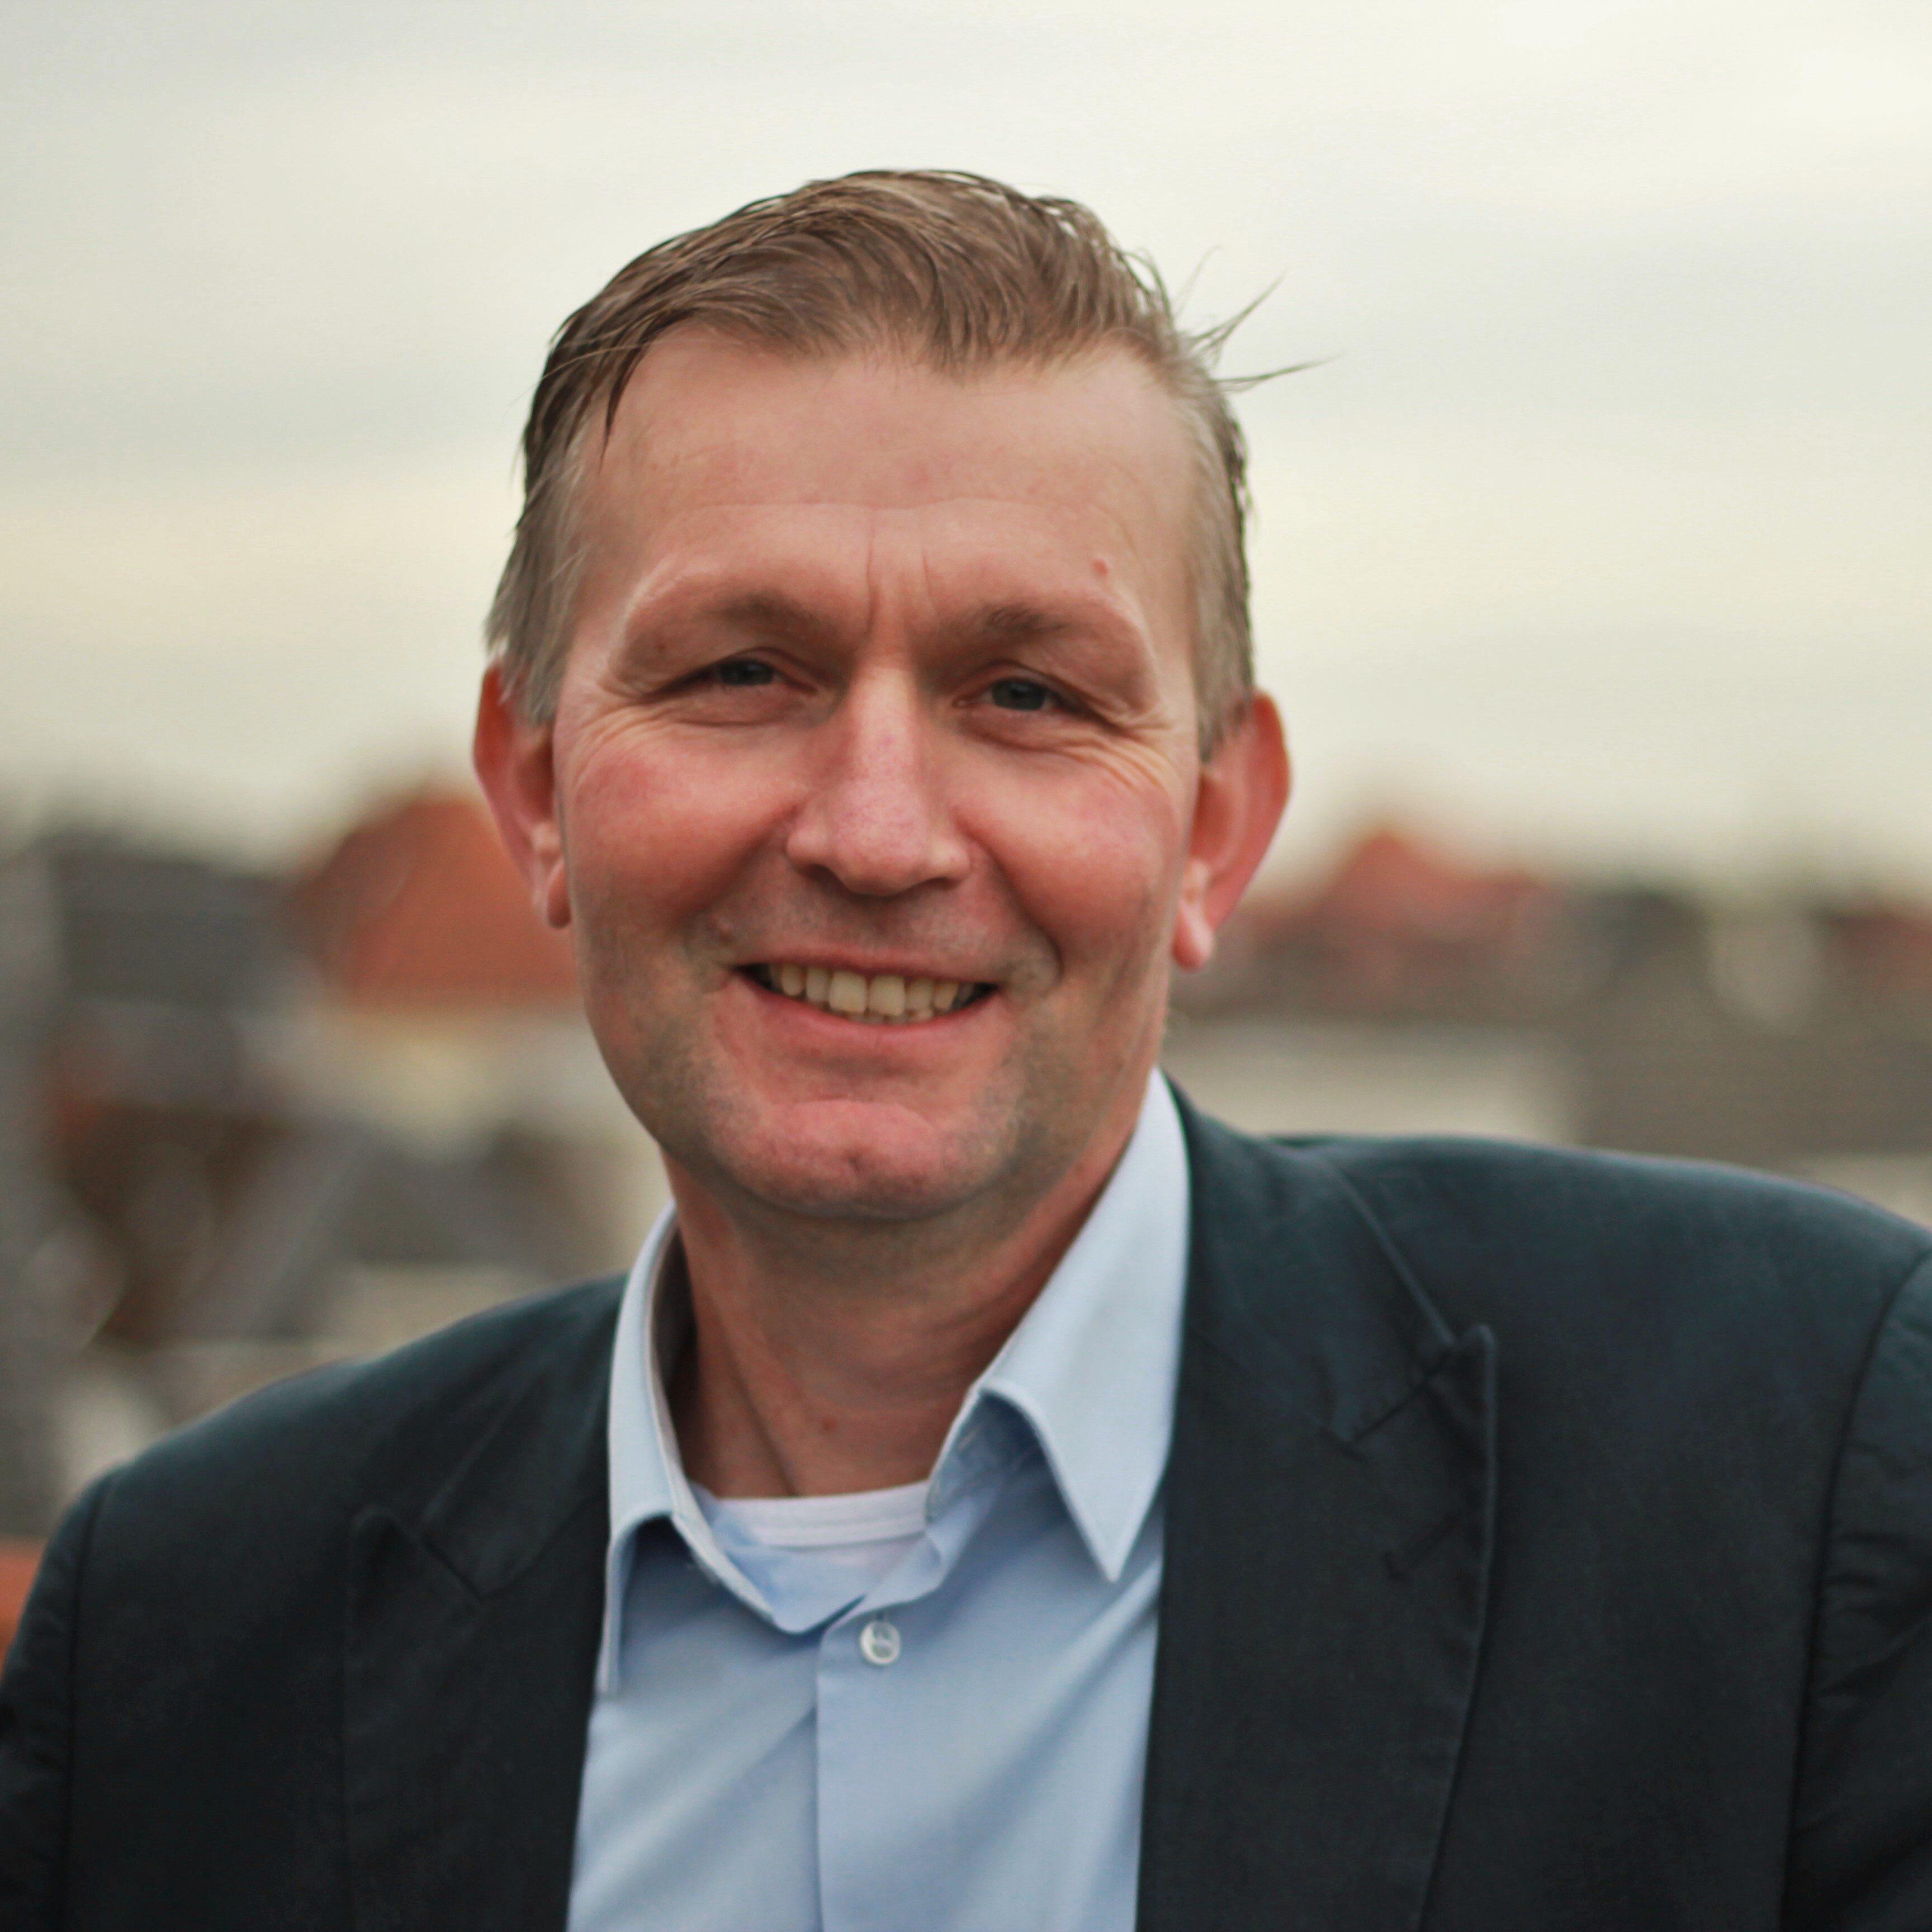 Leon van den Broeke